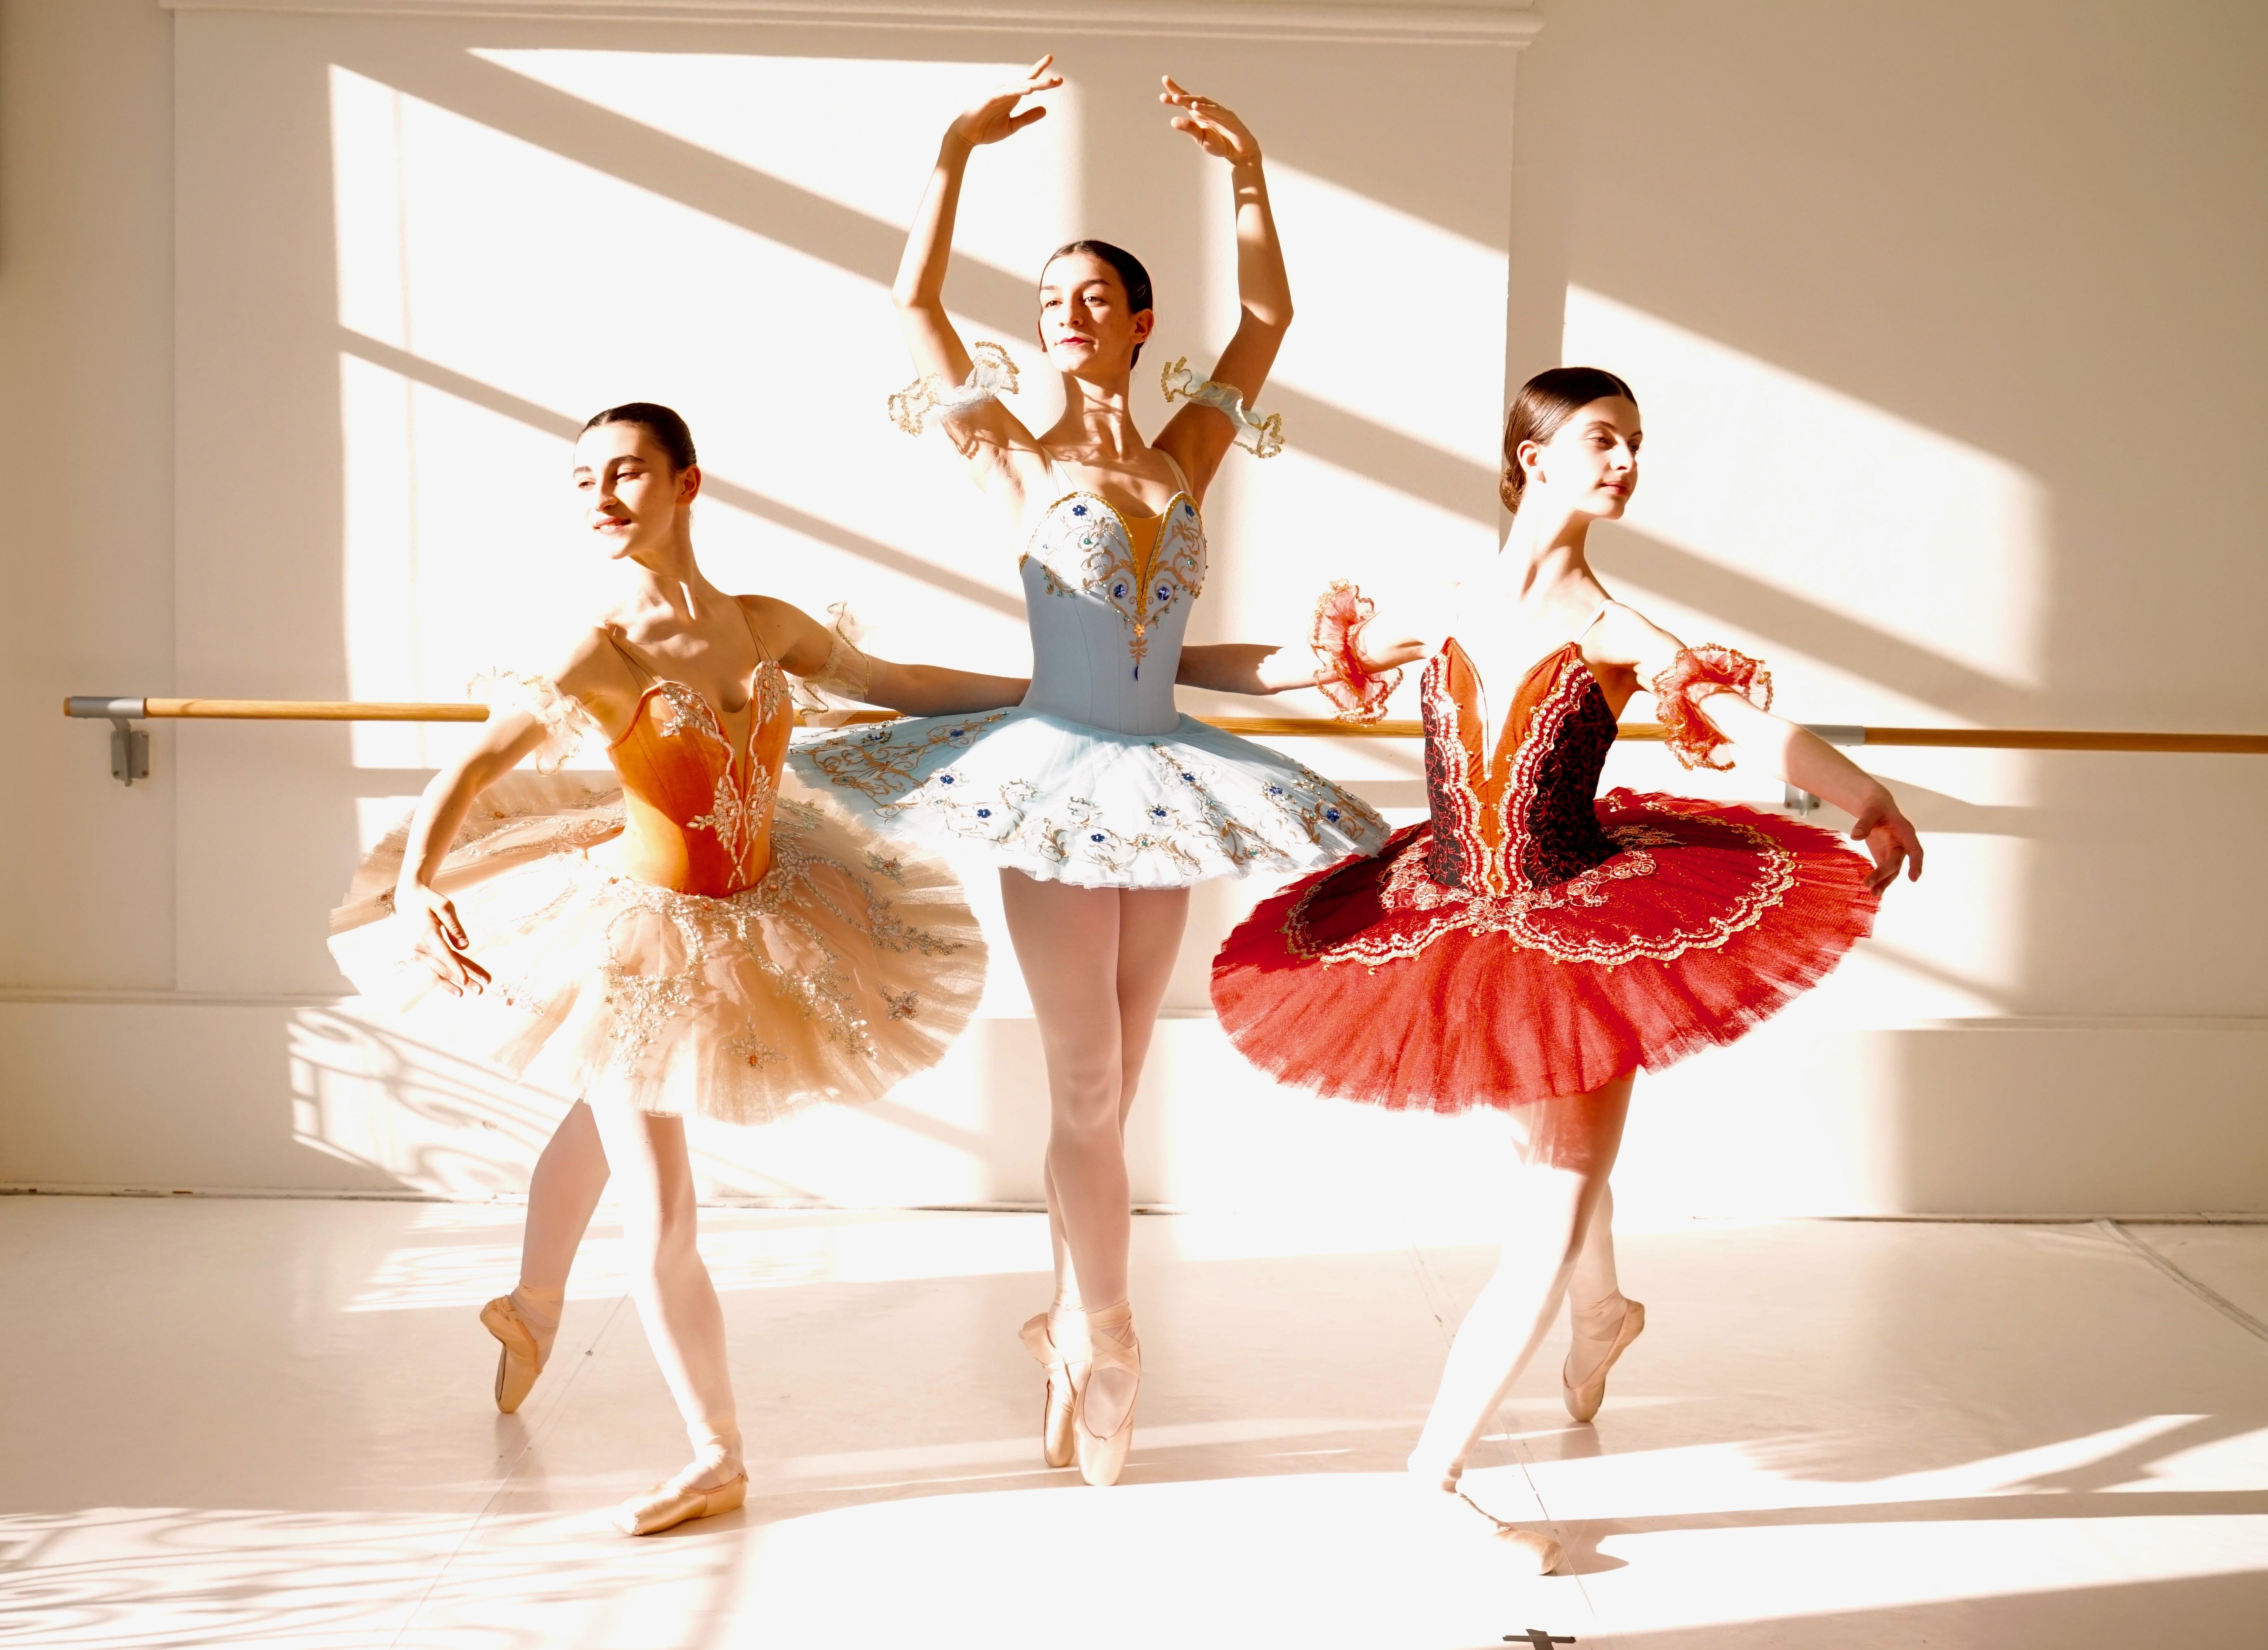 danse classique lyon cours de danse formation cycle ballet